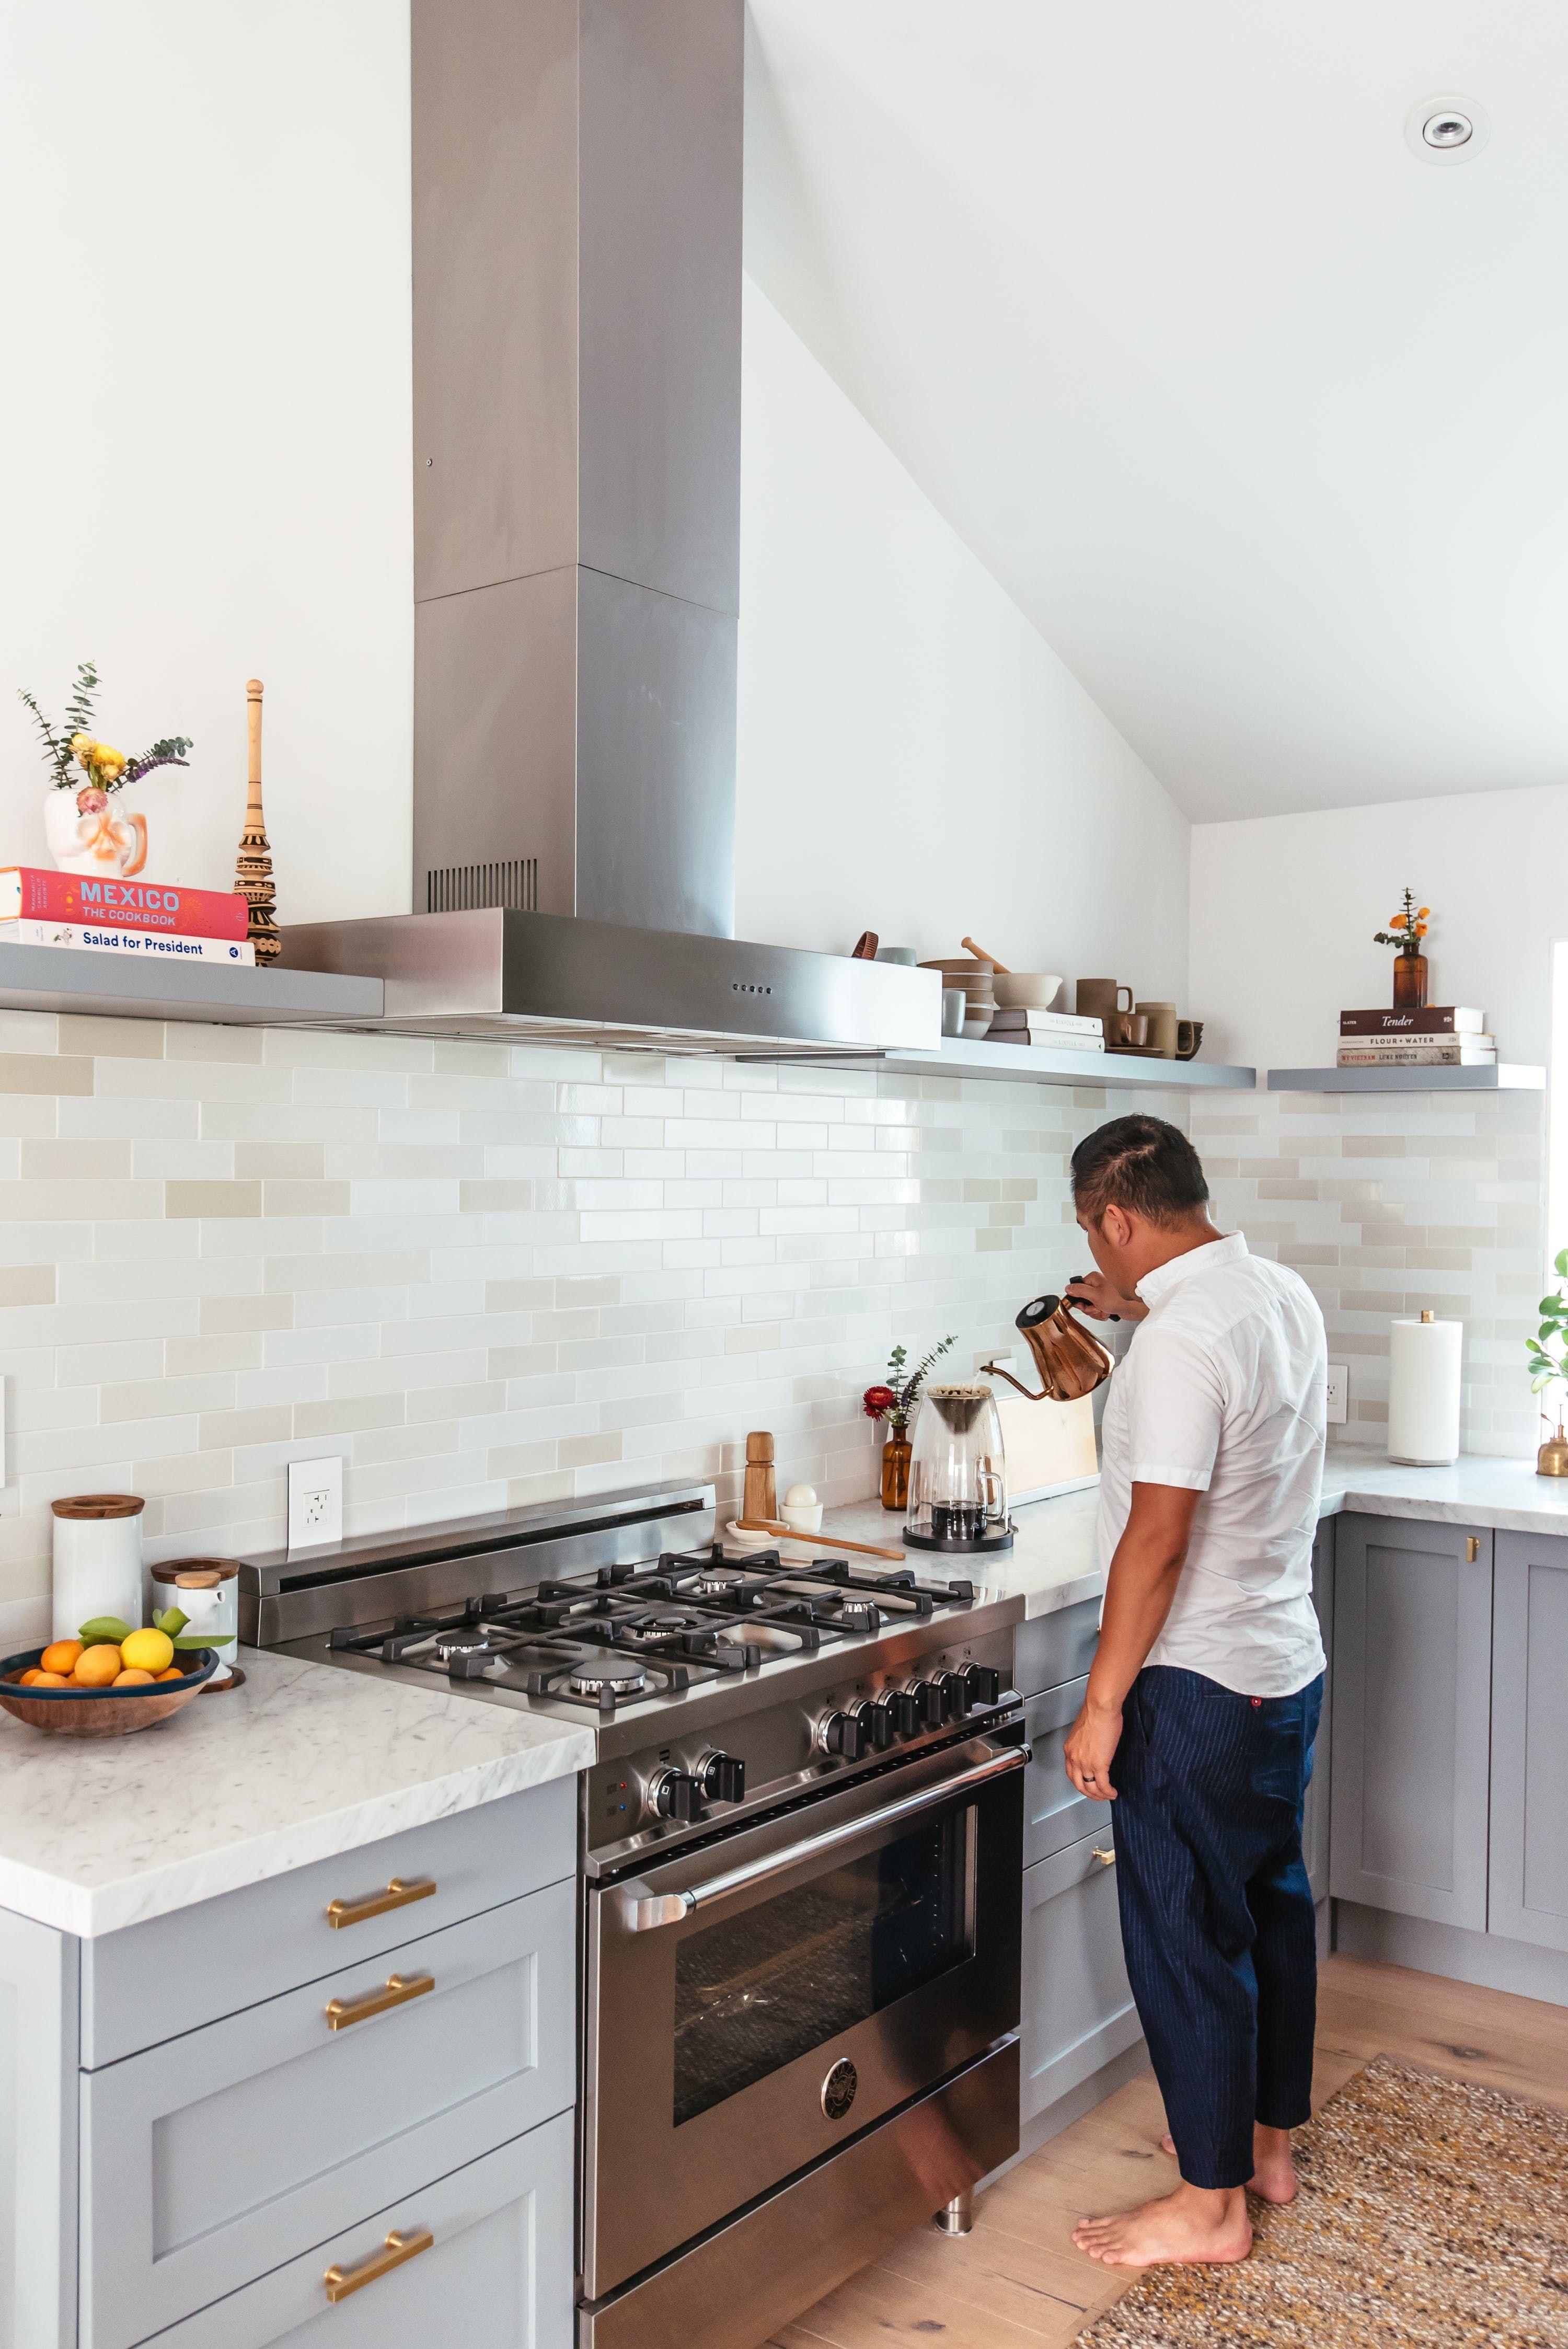 Modern Feminine Meets Minimalist Star Wars Style In Berkeley Home Kitchen Kitchen Remodel